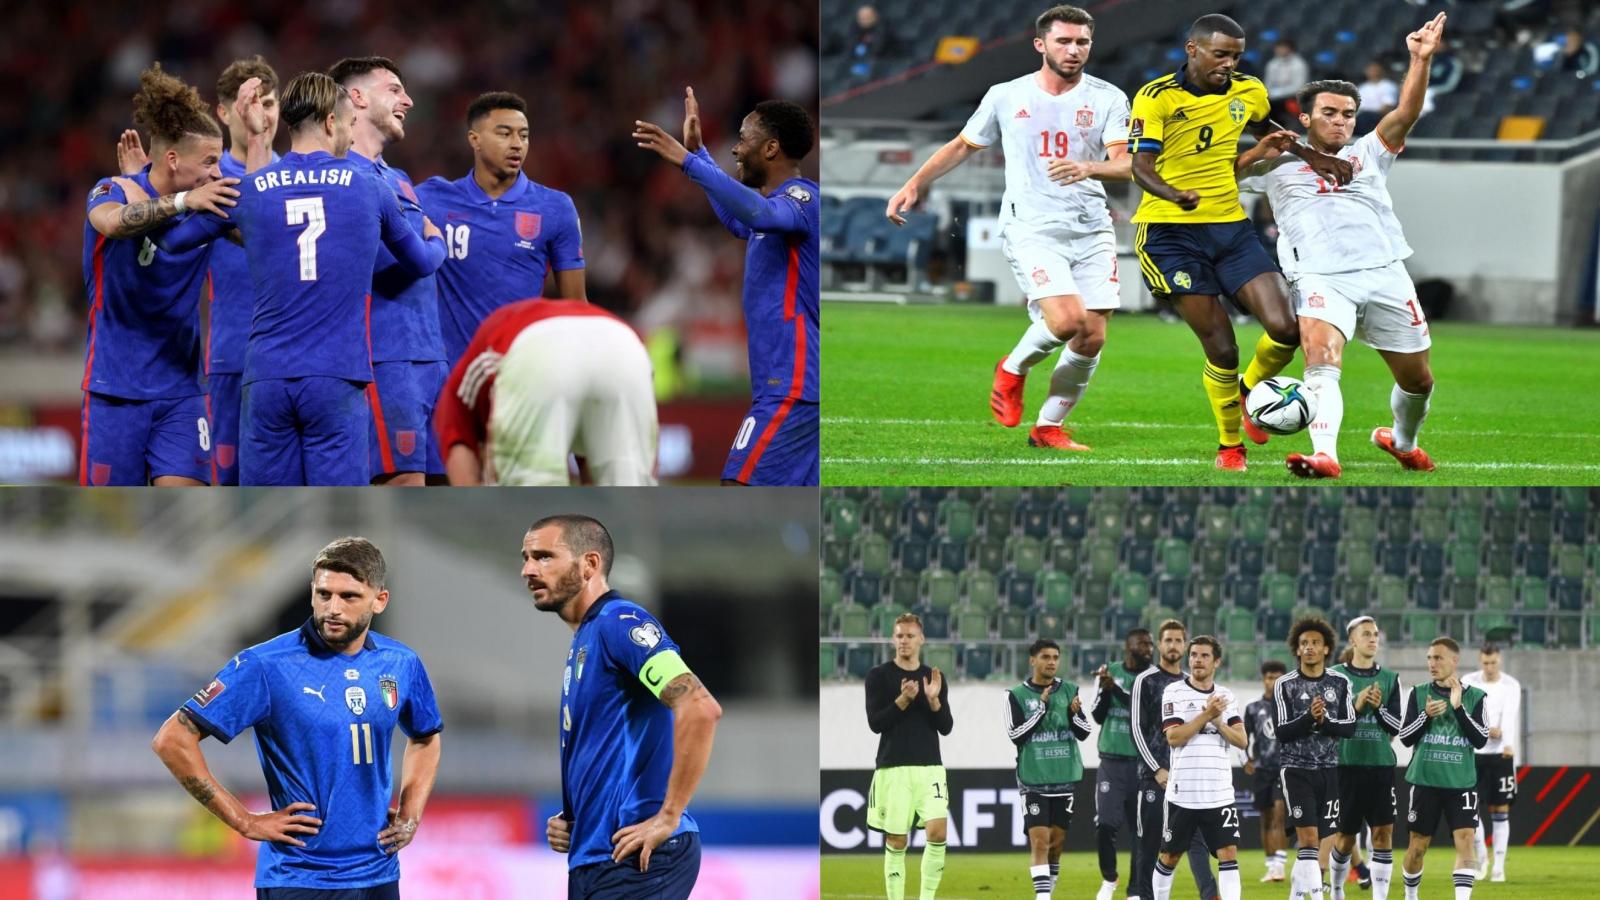 Kết quả vòng loại World Cup 2022 khu vực châu Âu (3/9): Thất vọng Italia